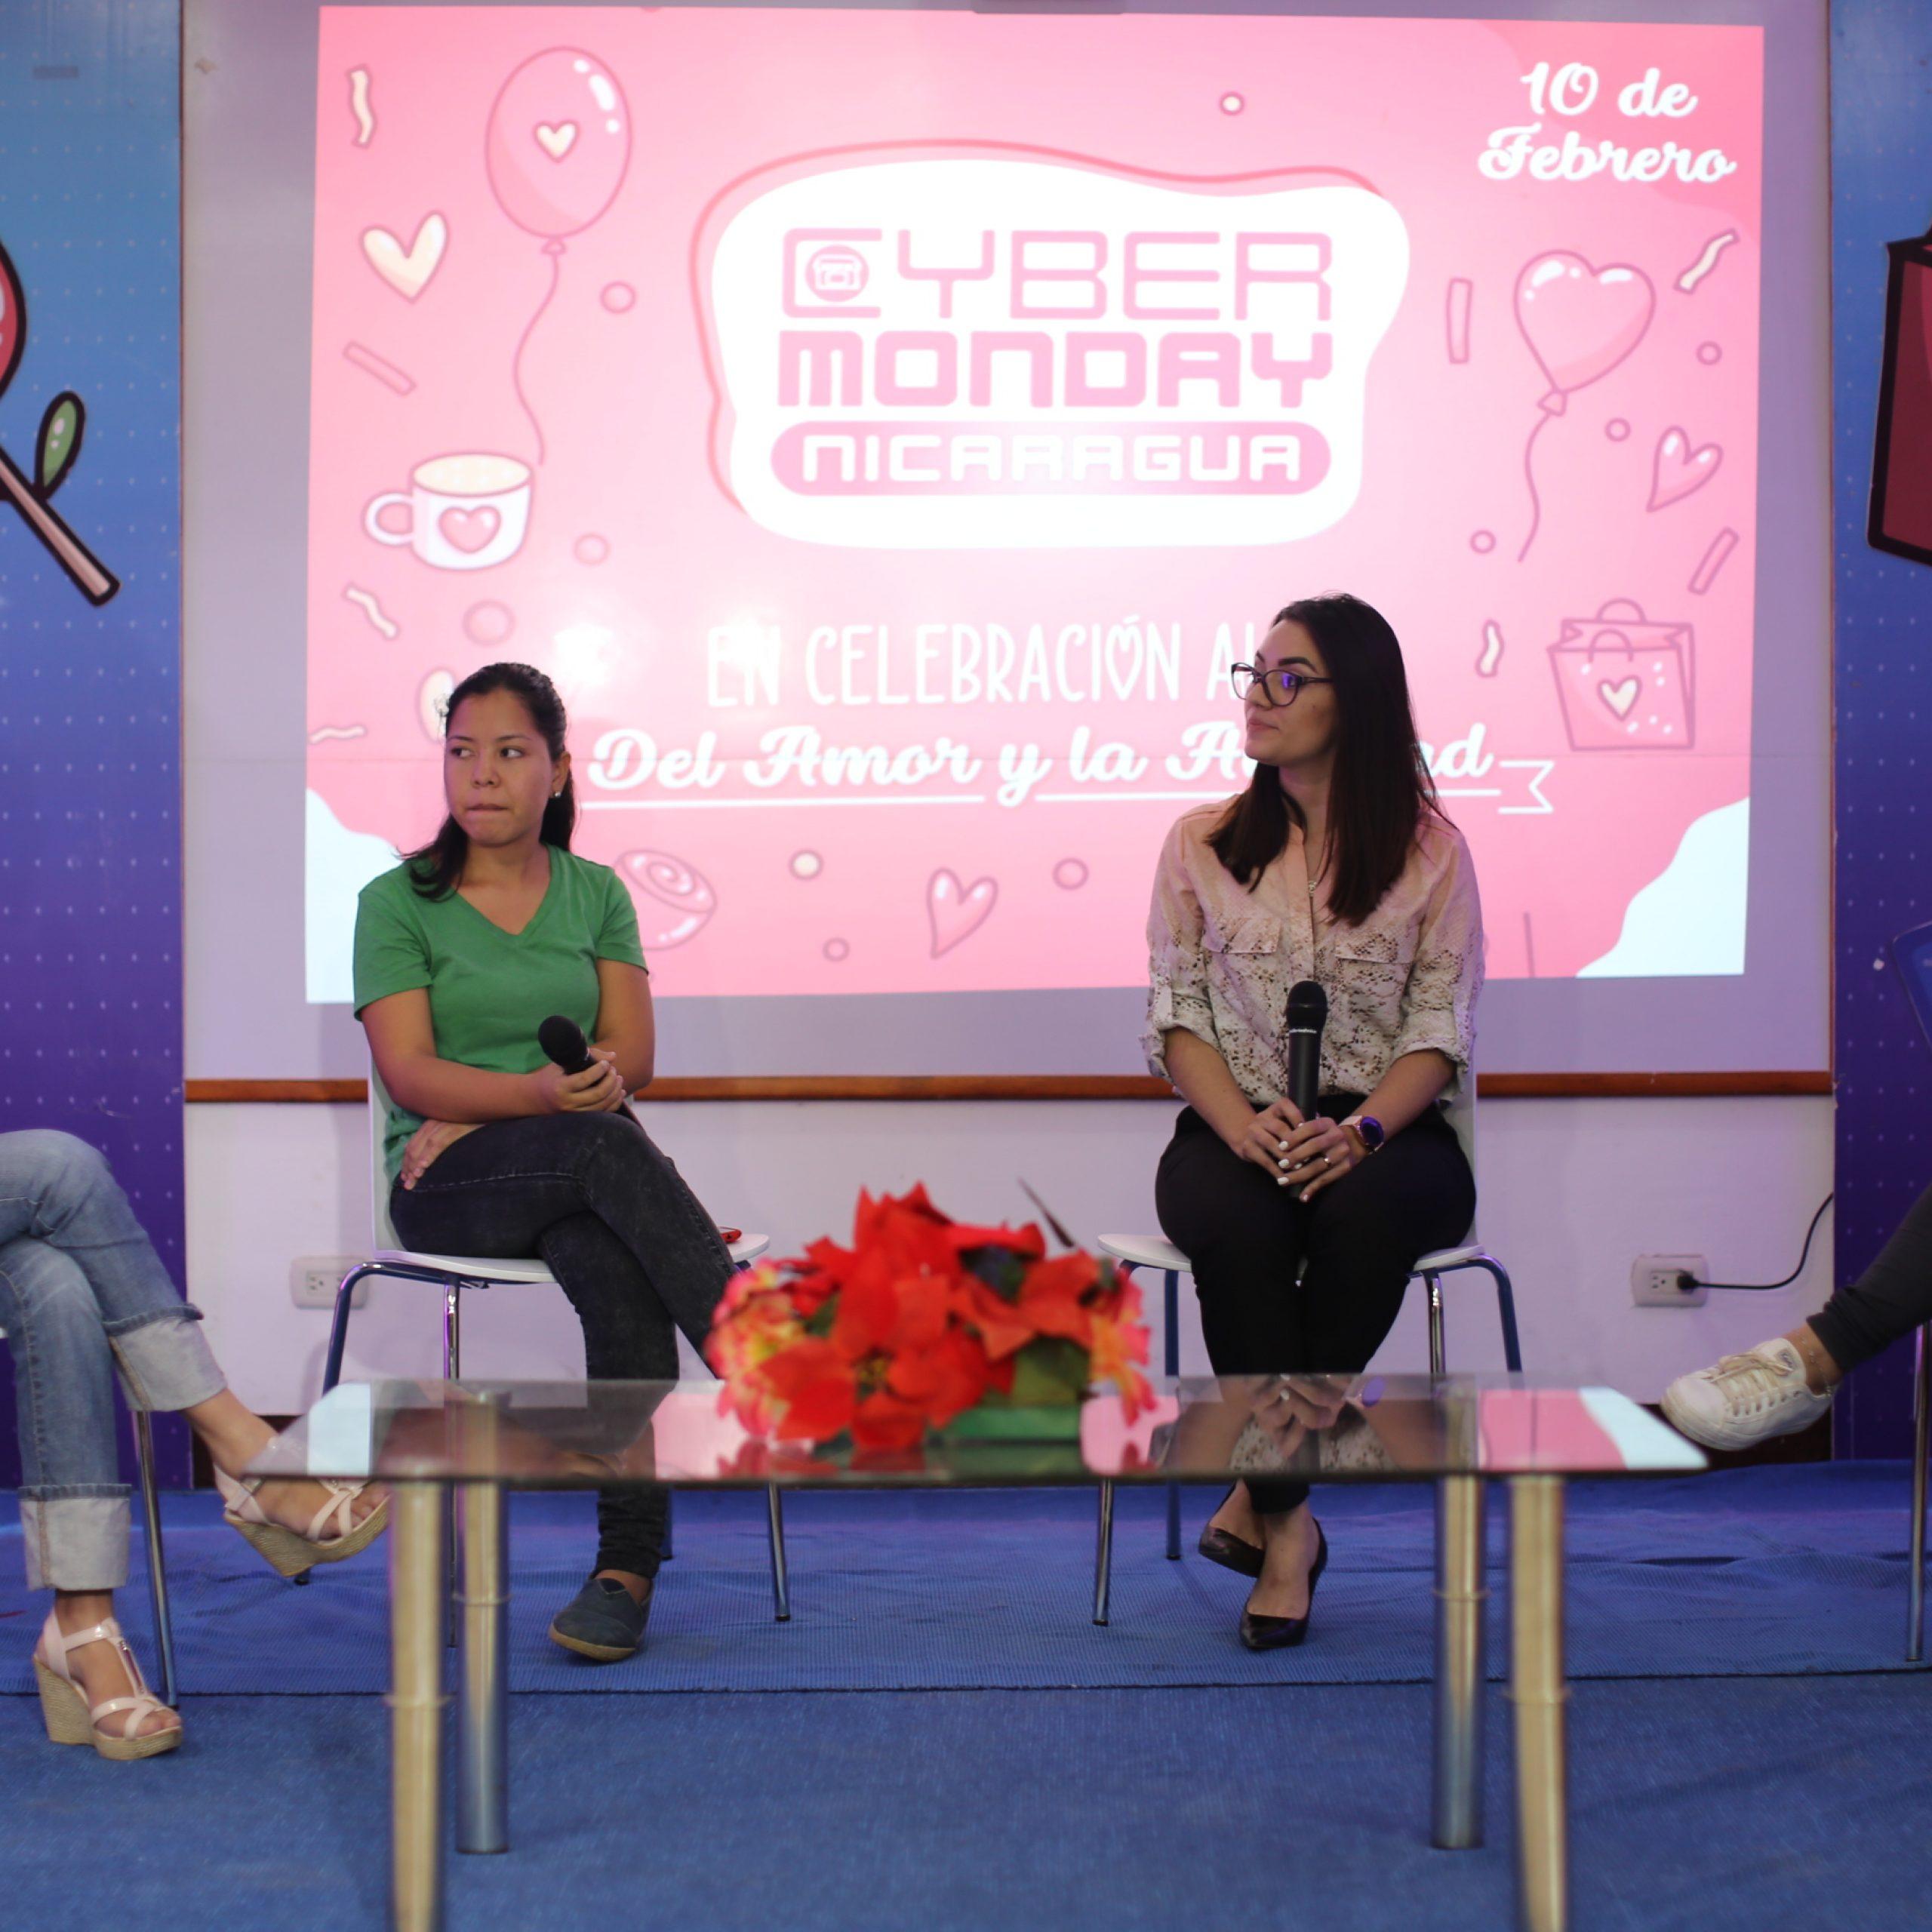 Abierta convocatoria para Cyber Monday Nicaragua, celebrando el Día del Amor y la Amistad